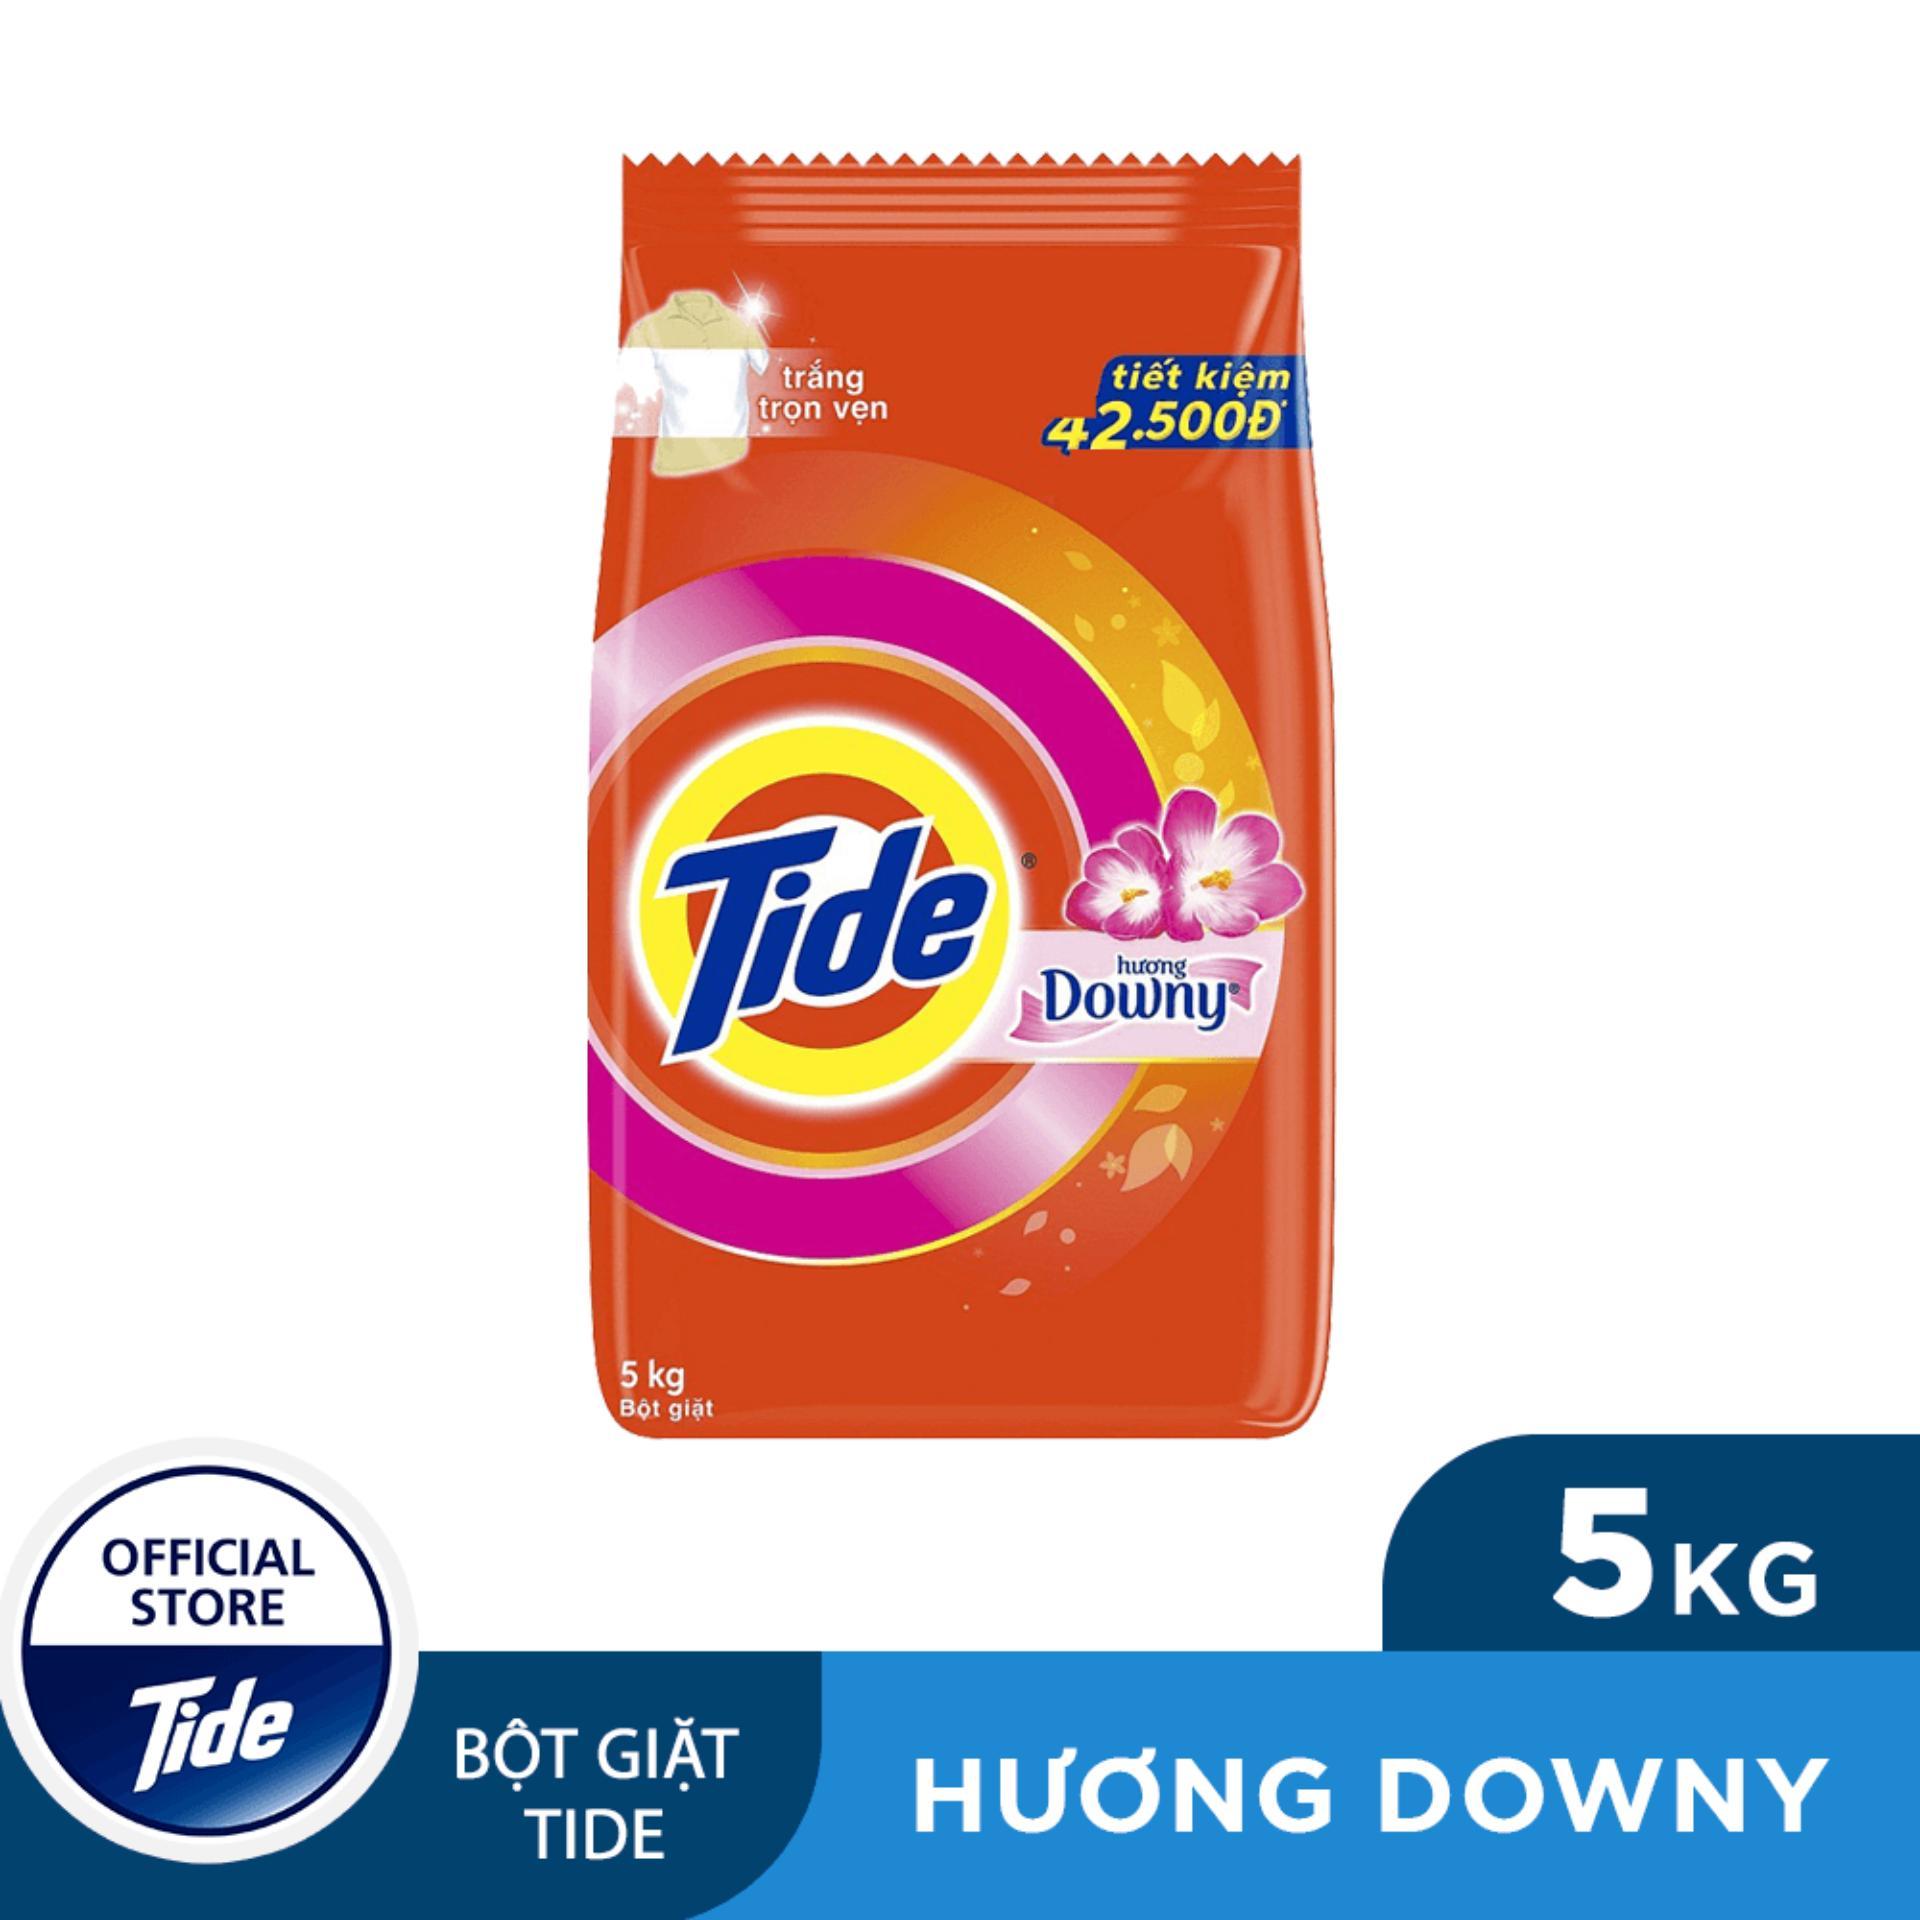 [ Tặng ngay Ariel Dịu nhẹ 360ml ] Bột giặt Tide Hương Downy Túi 5.0kg [bonus]